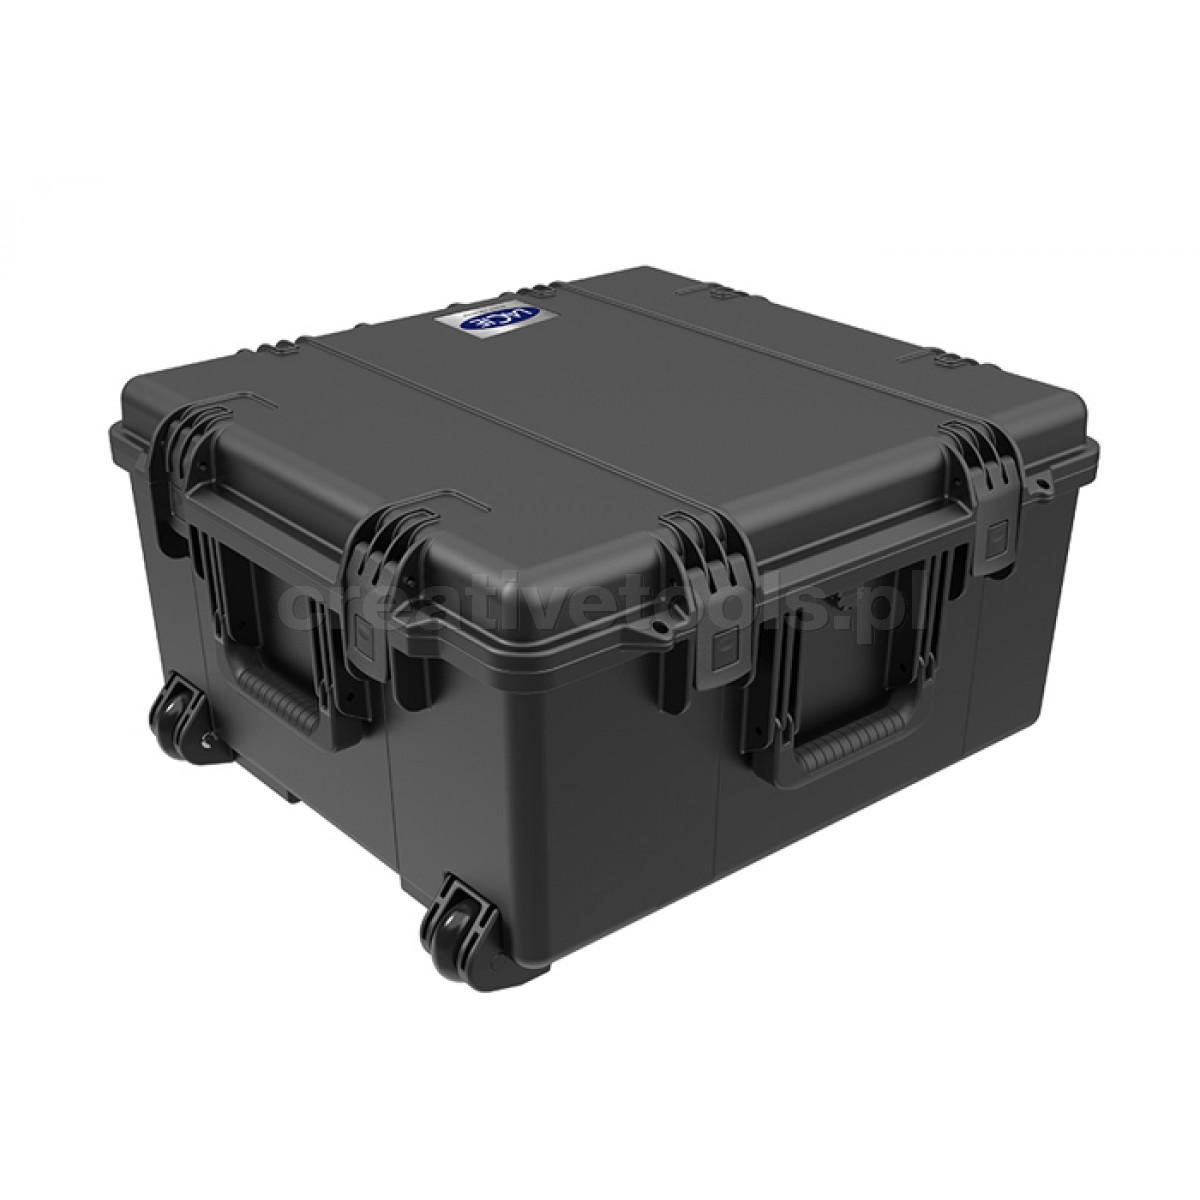 e253e50a24c4e LaCie Peli Case dla 12Big STFJ400 - creativetools